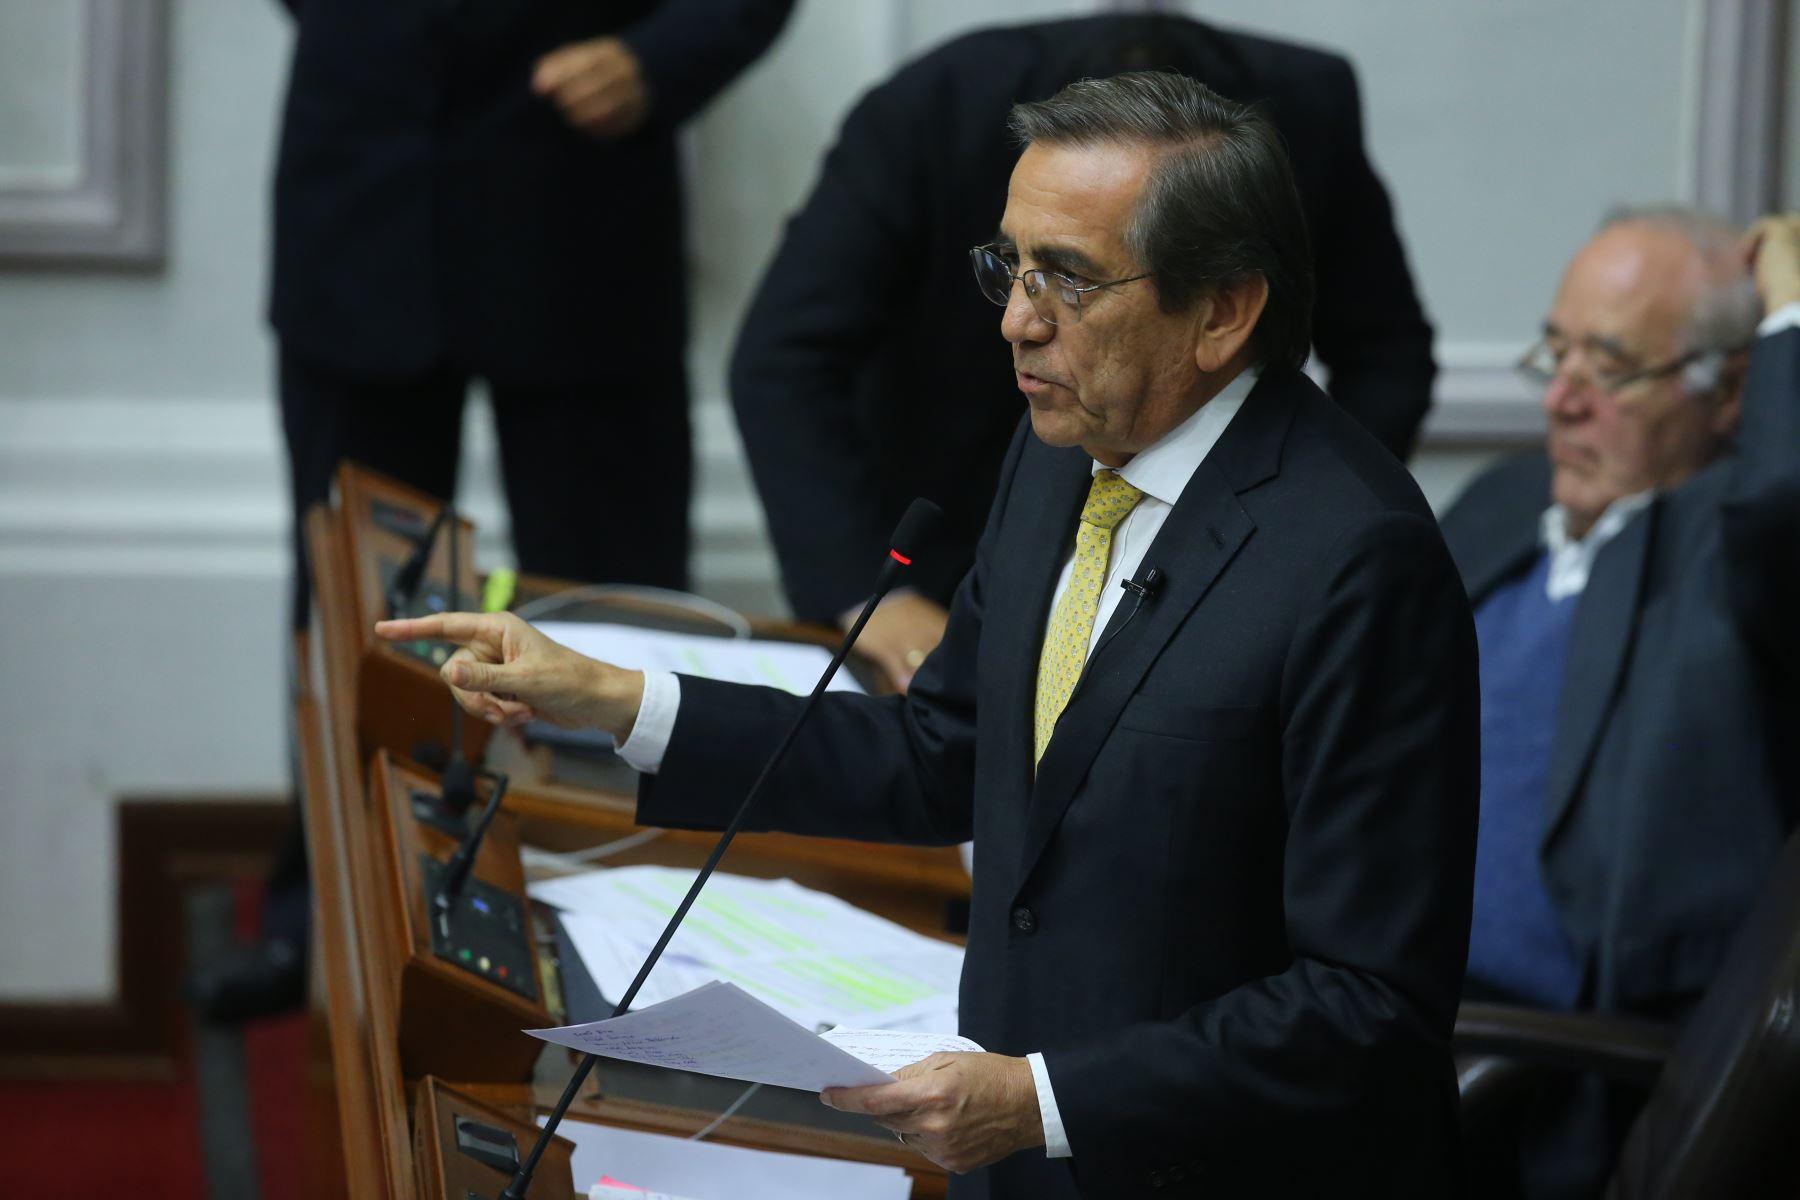 Congresista Jorge del Castillo interviene en el debate sobre la cuestión de confianza en el Congreso de la República. Foto: ANDINA/Vidal Tarqui